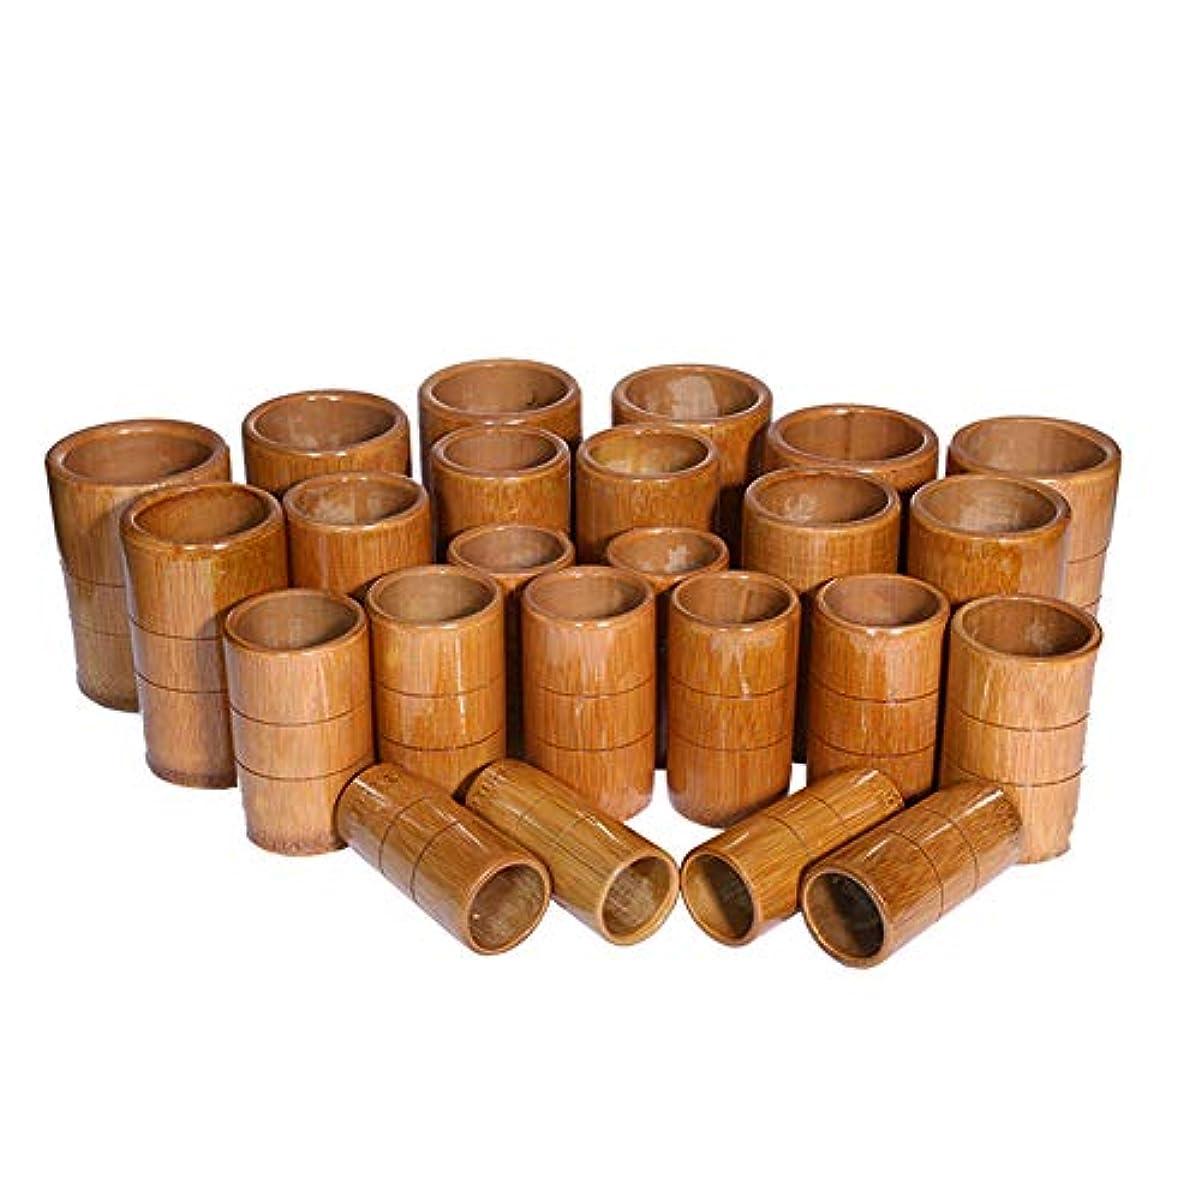 バース通り抜ける経済マッサージバキュームカップキット - カッピング竹療法セット - 炭缶鍼治療ボディ医療吸引セット,A10pcs